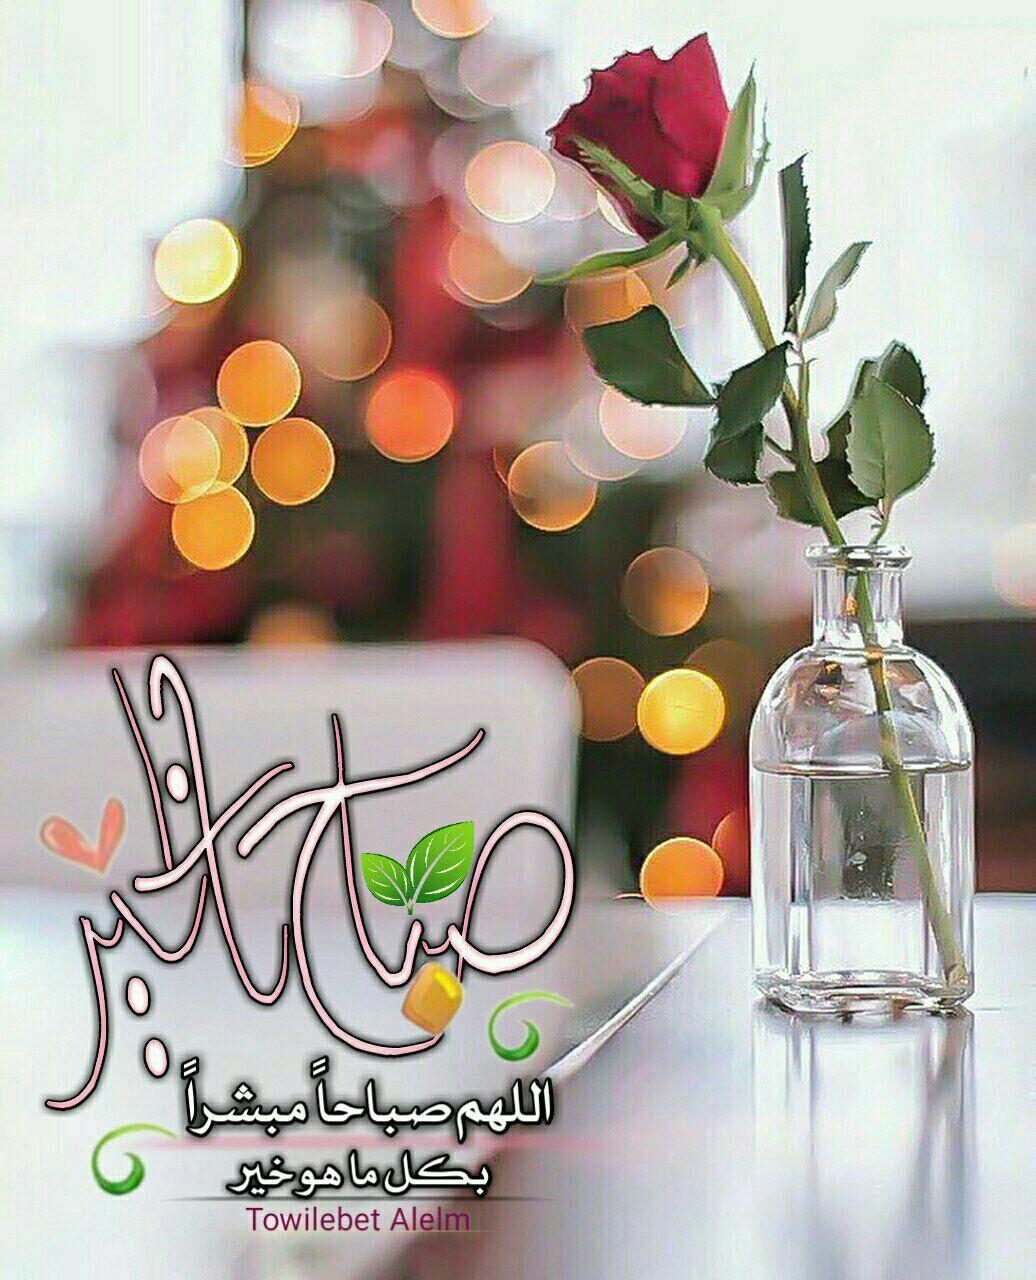 Pin By Ahmed Hisen أحمد حسين On صباح الخير Good Morning Good Morning Arabic Morning Greeting Good Morning Messages